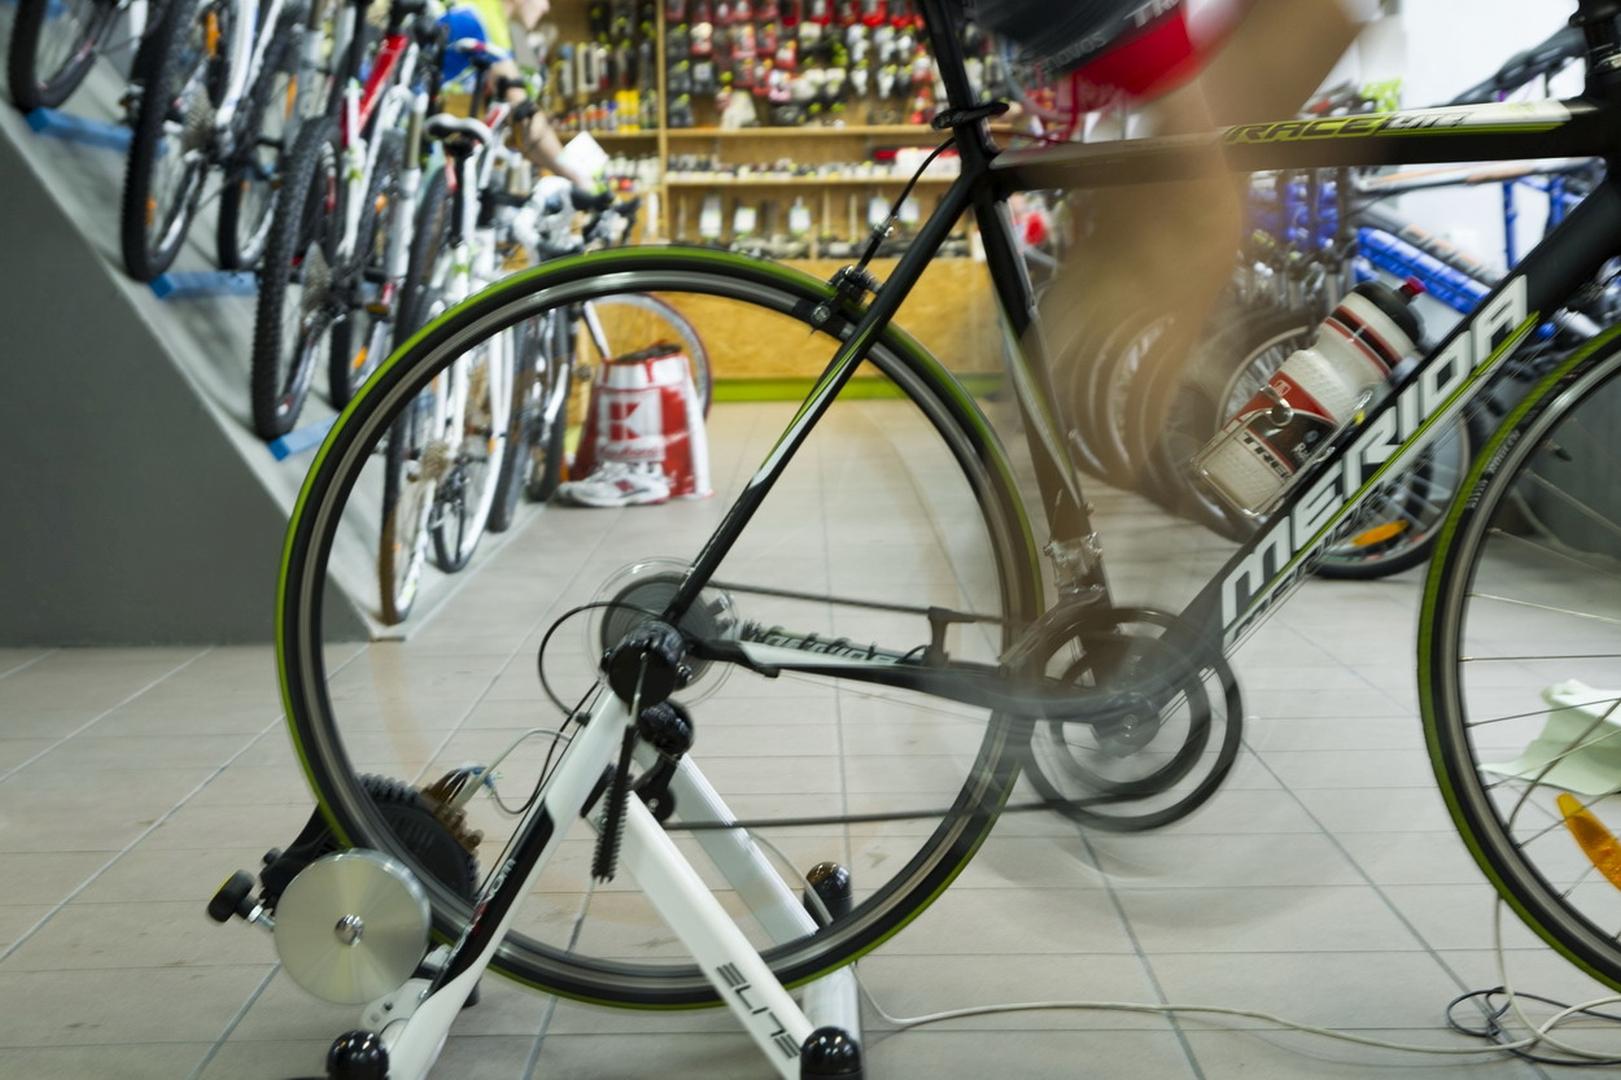 Poczuj się jak Bettini – ruszają Klasyki Bike Atelier [PR]